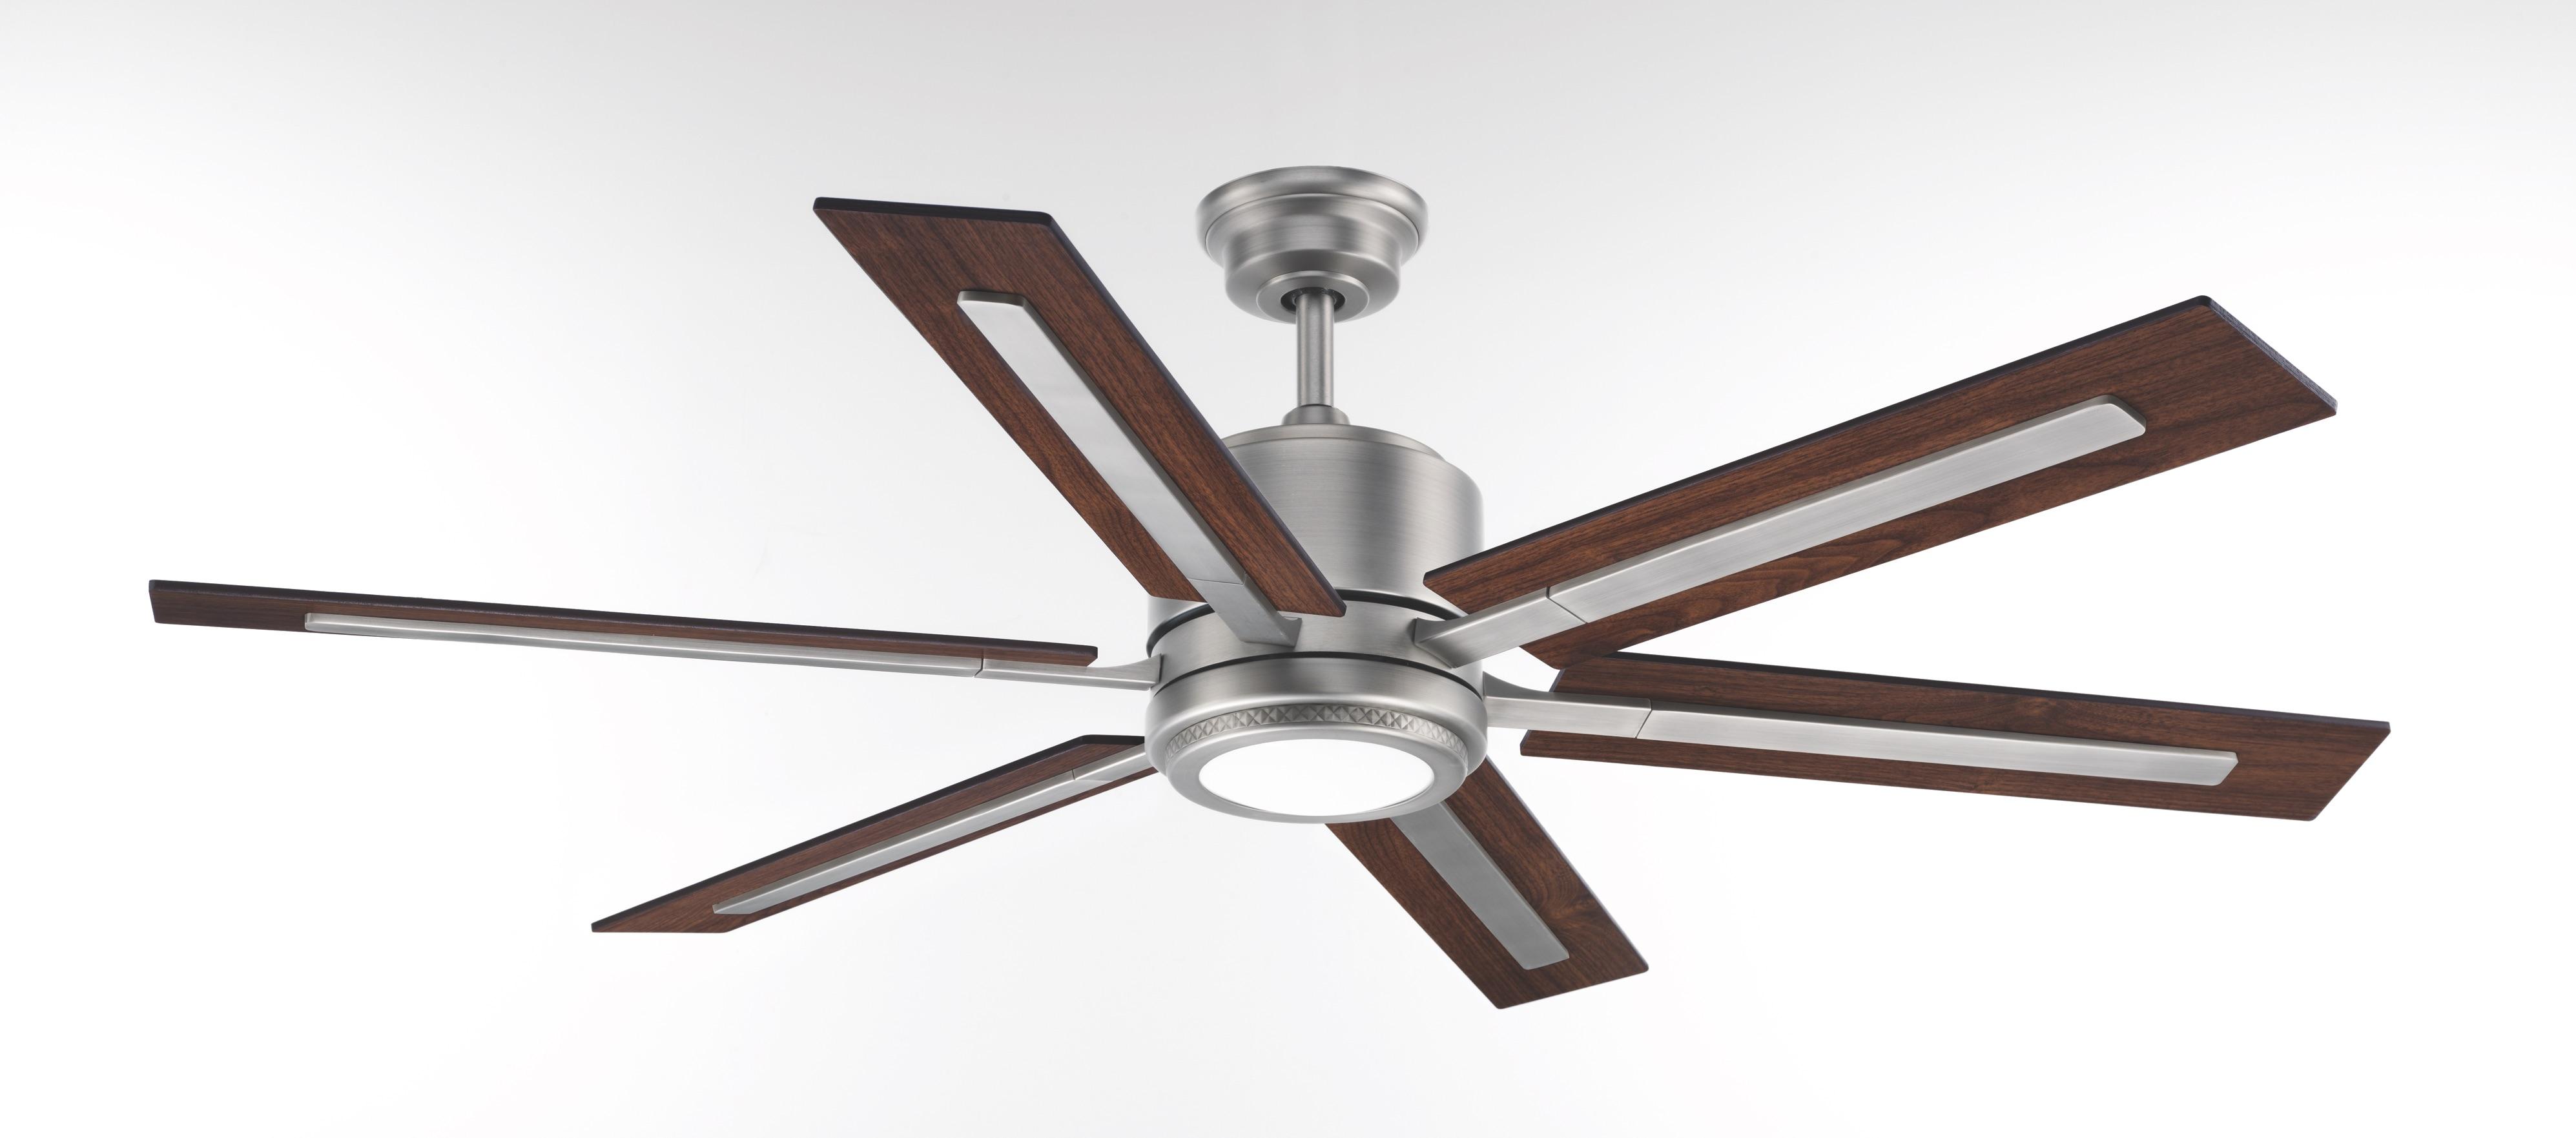 Progress Glandon ceiling fan